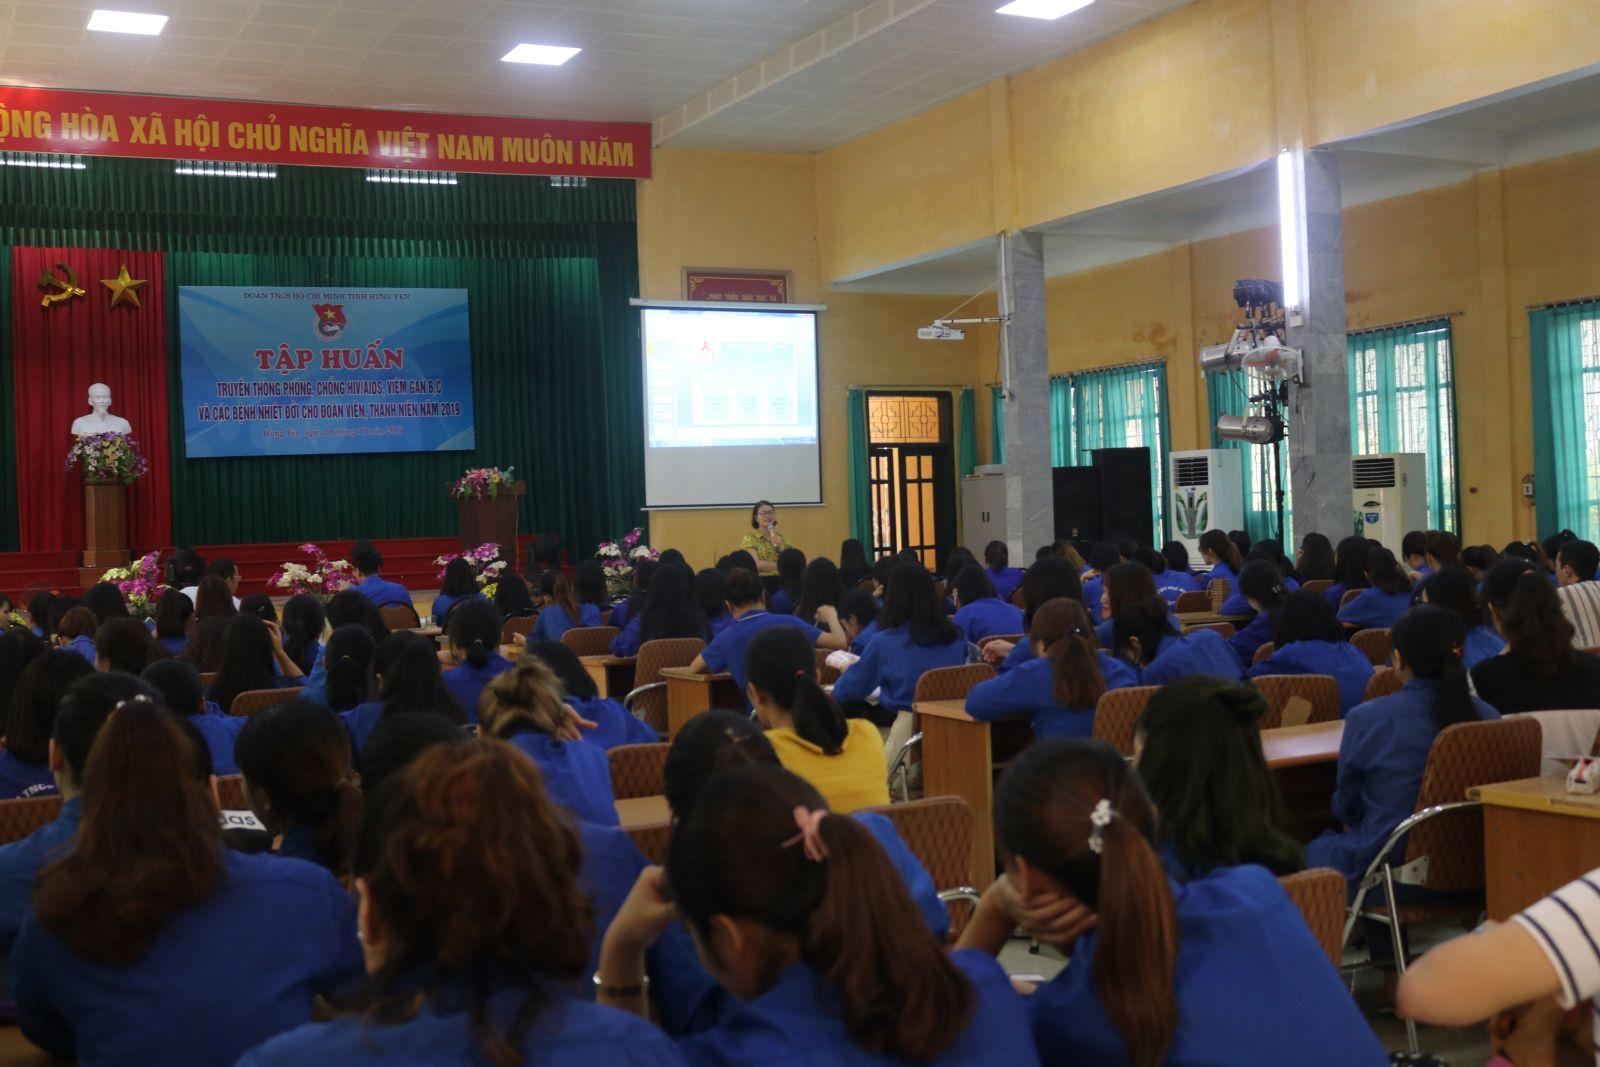 Hưng Yên tổ chức tập huấn truyền thông phòng, chống HIV/AIDS, viêm gan B,C và các bệnh nhiệt đới cho đoàn viên, thanh niên